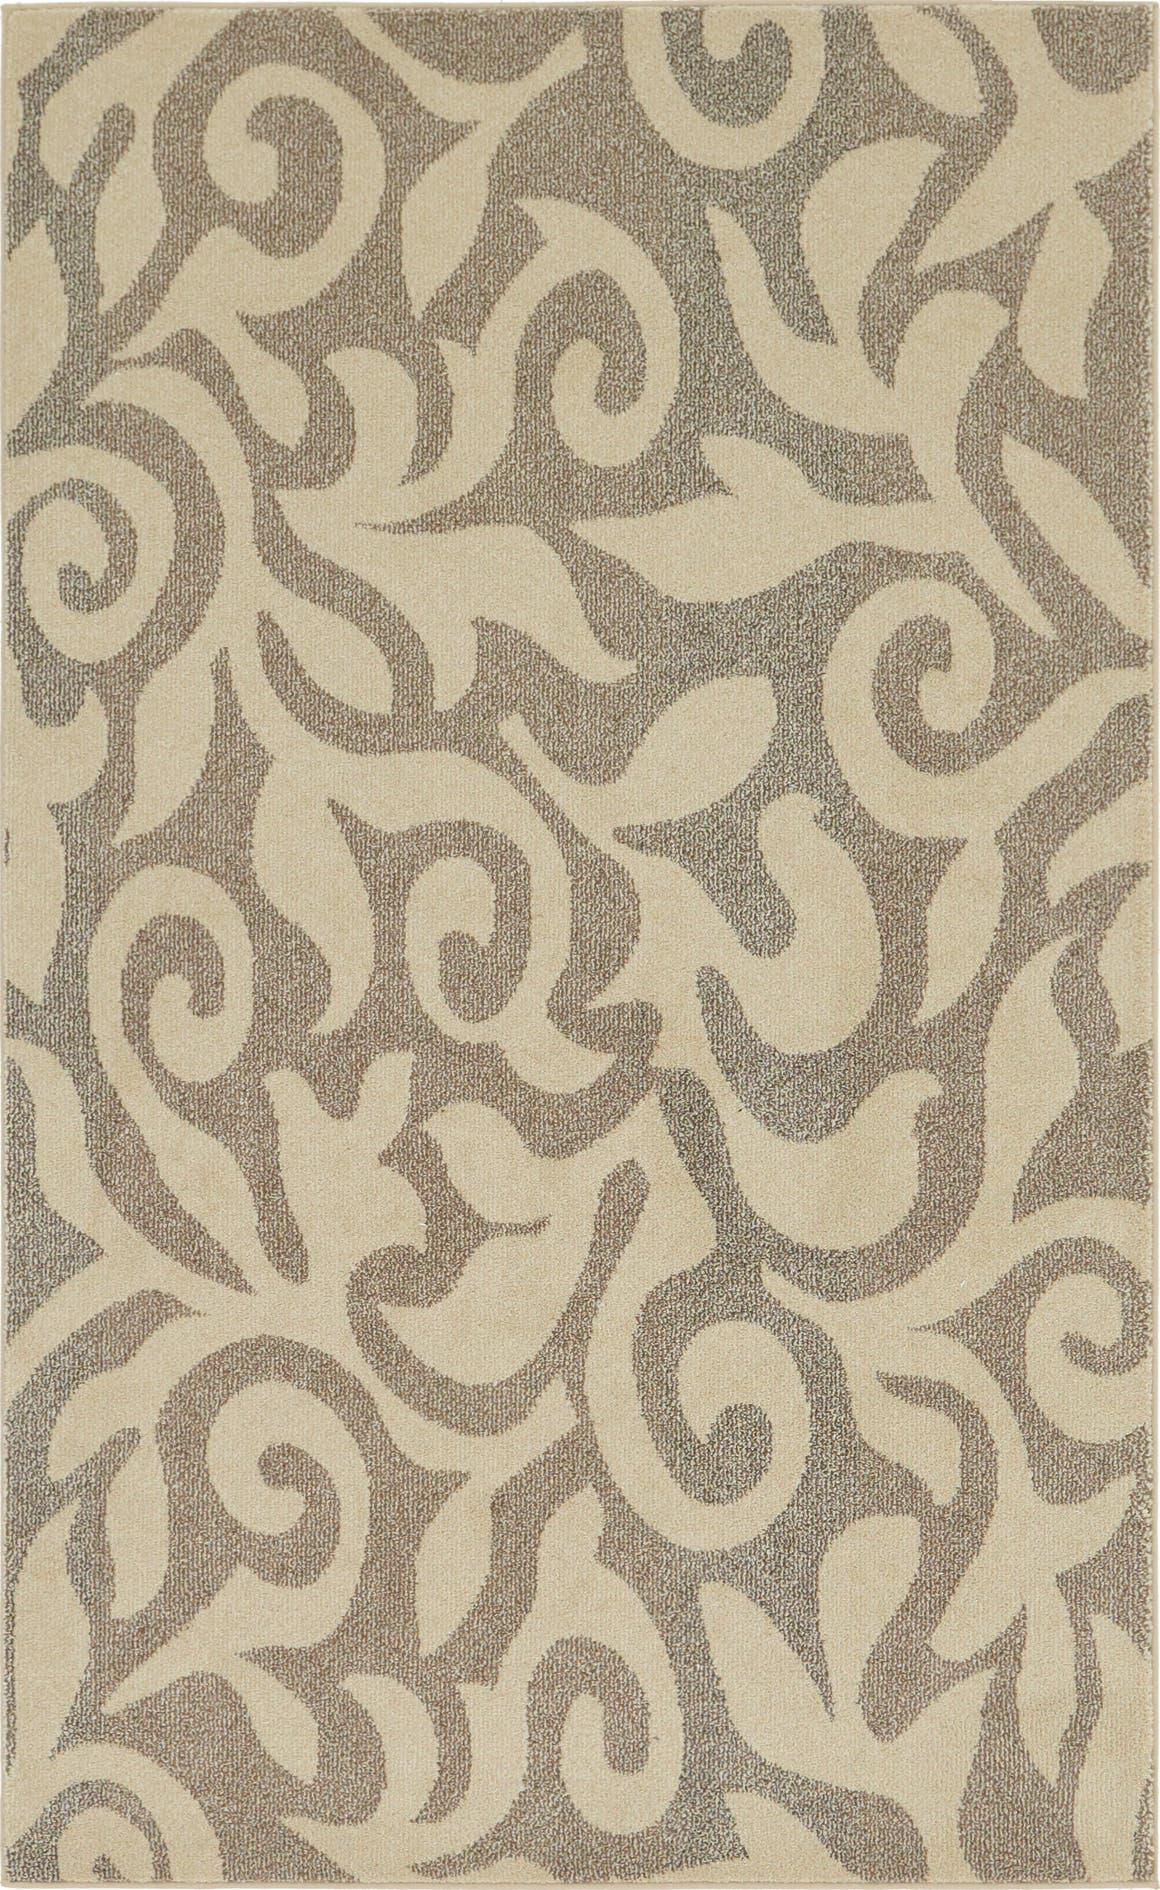 5' x 8' Casablanca Rug main image